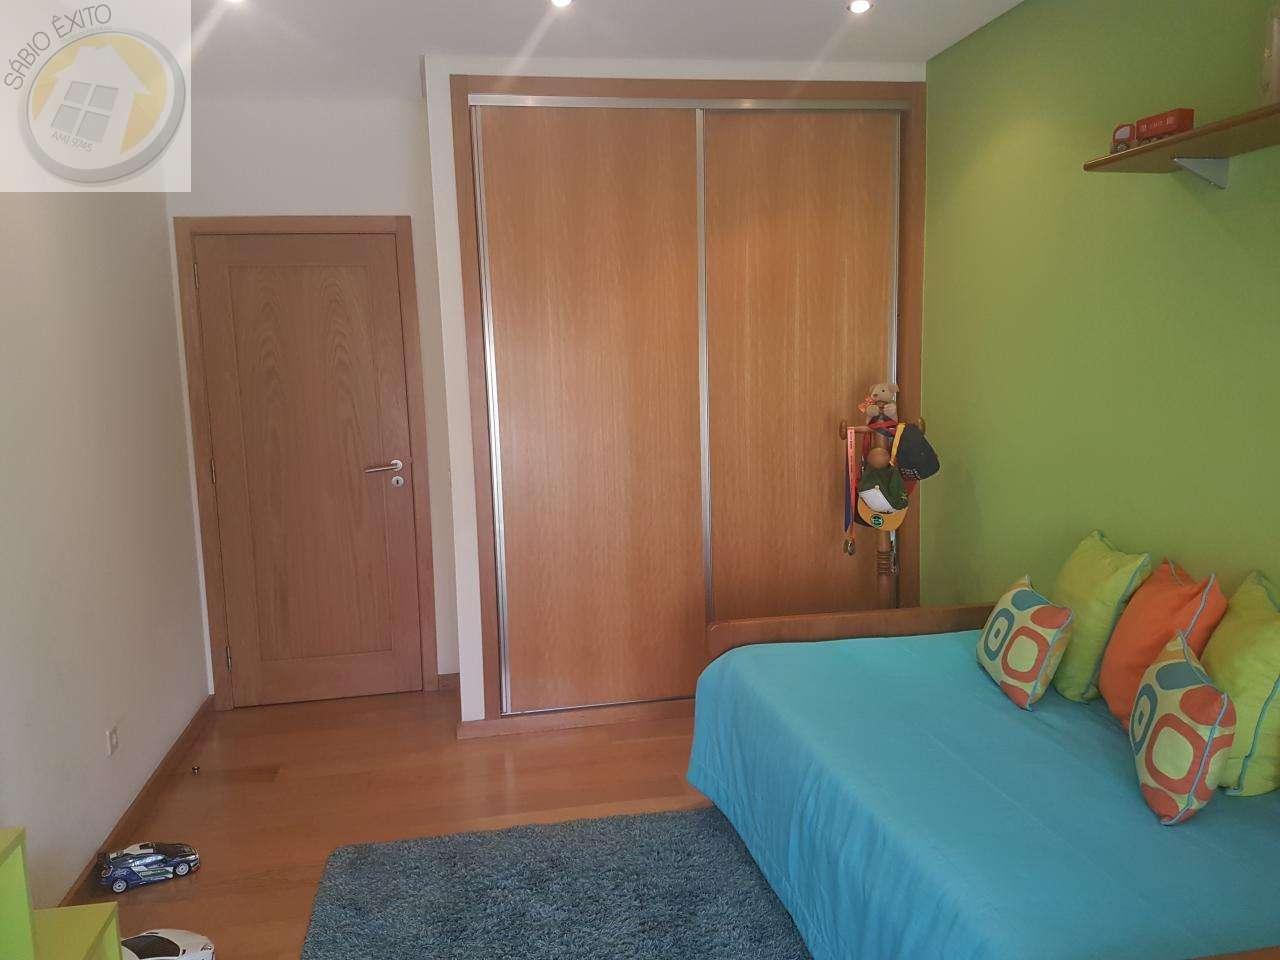 Apartamento para comprar, São Felix da Marinha, Vila Nova de Gaia, Porto - Foto 8